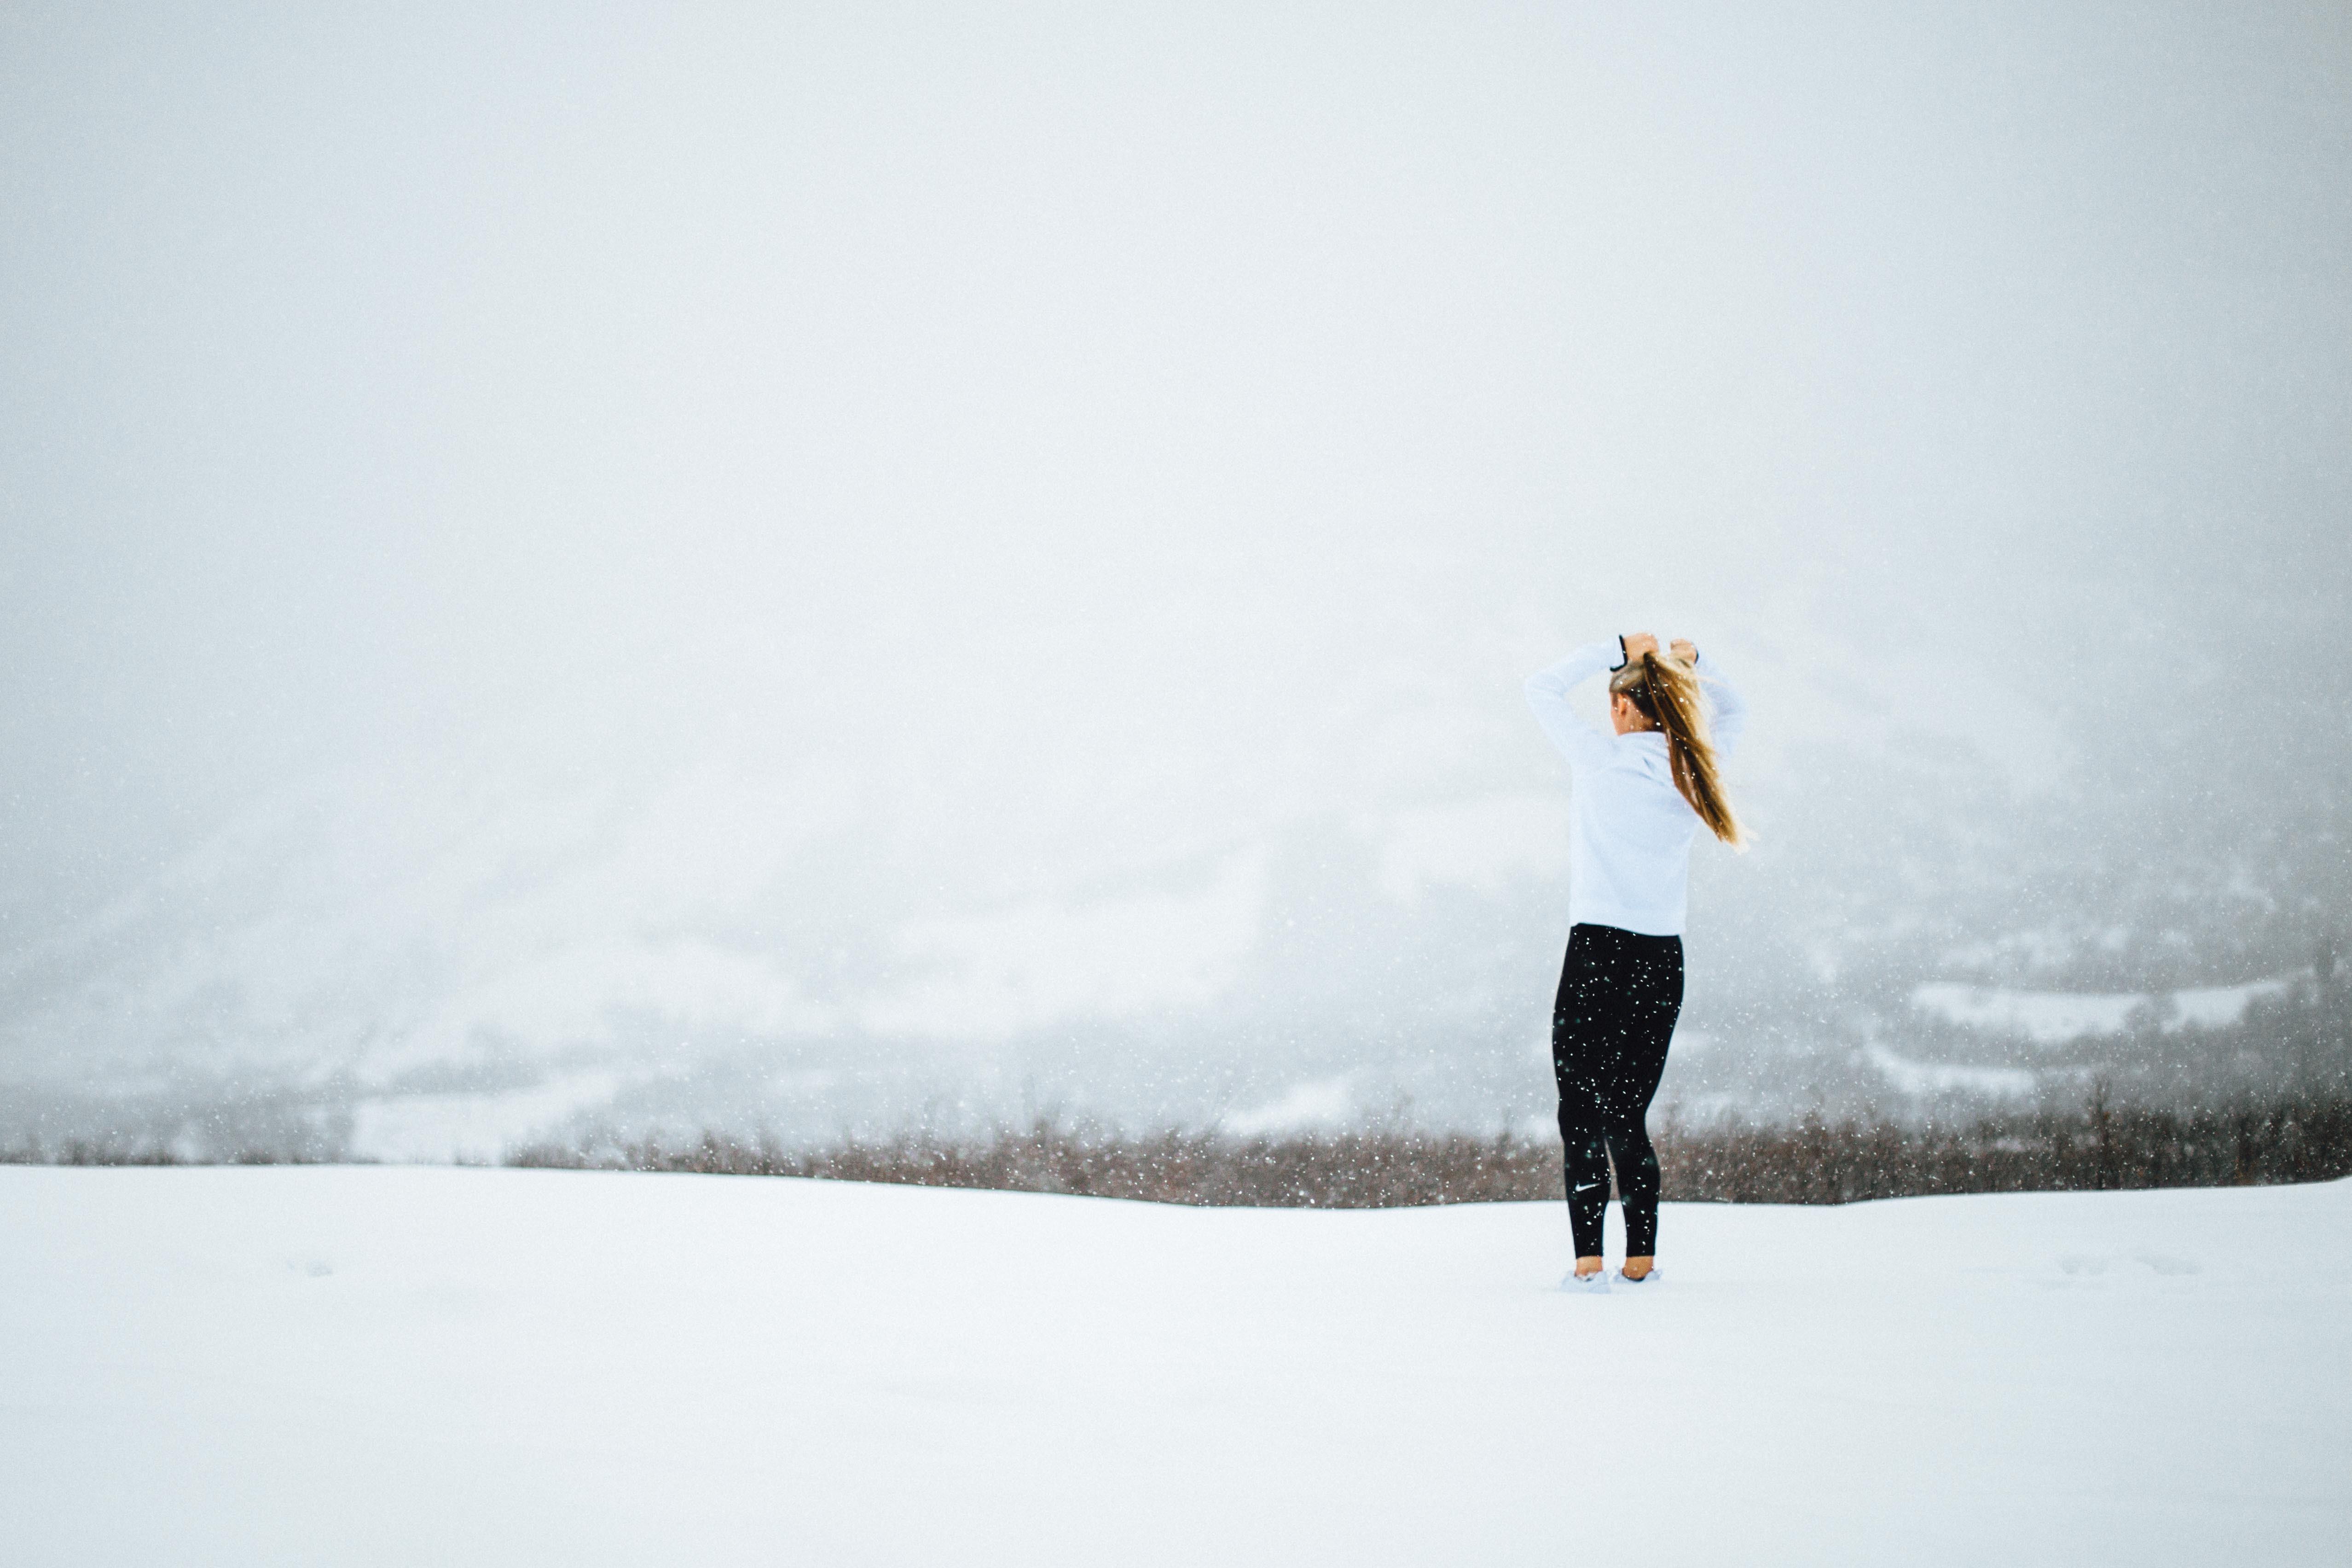 картинка зима снег человек ниш гипсокартона виды